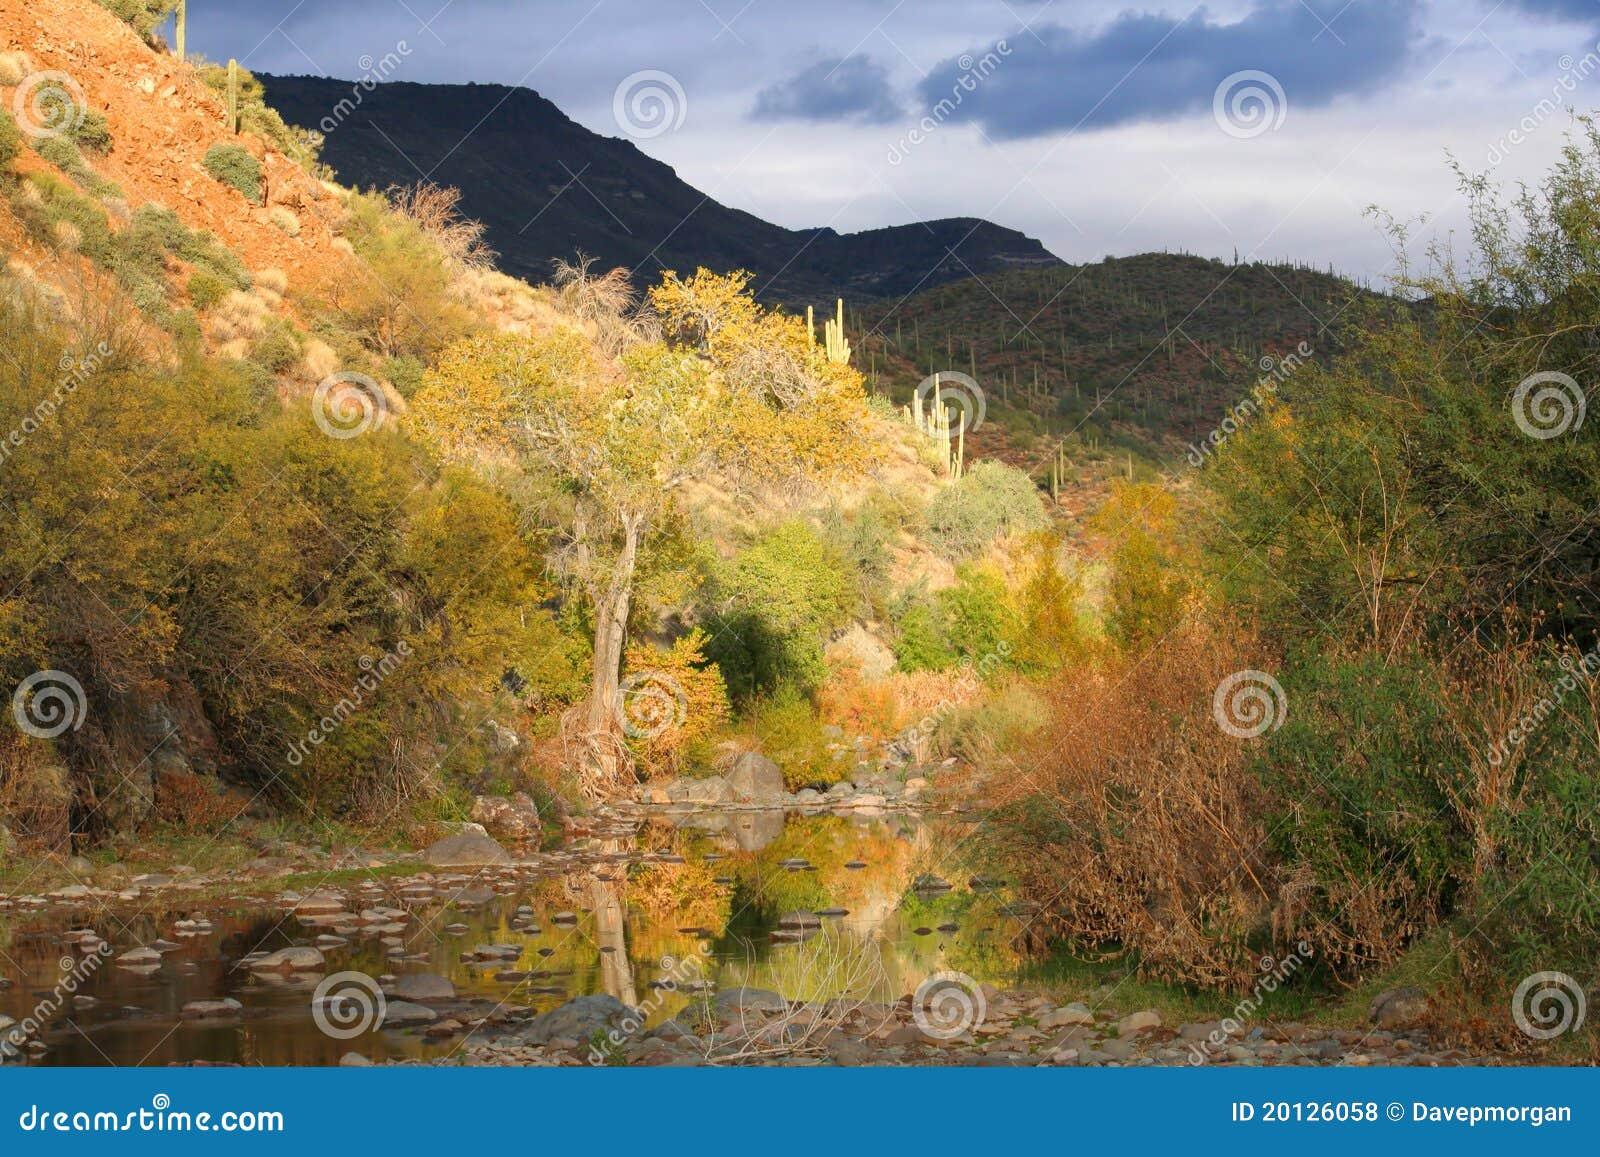 Stormy Creekside Desert Scene